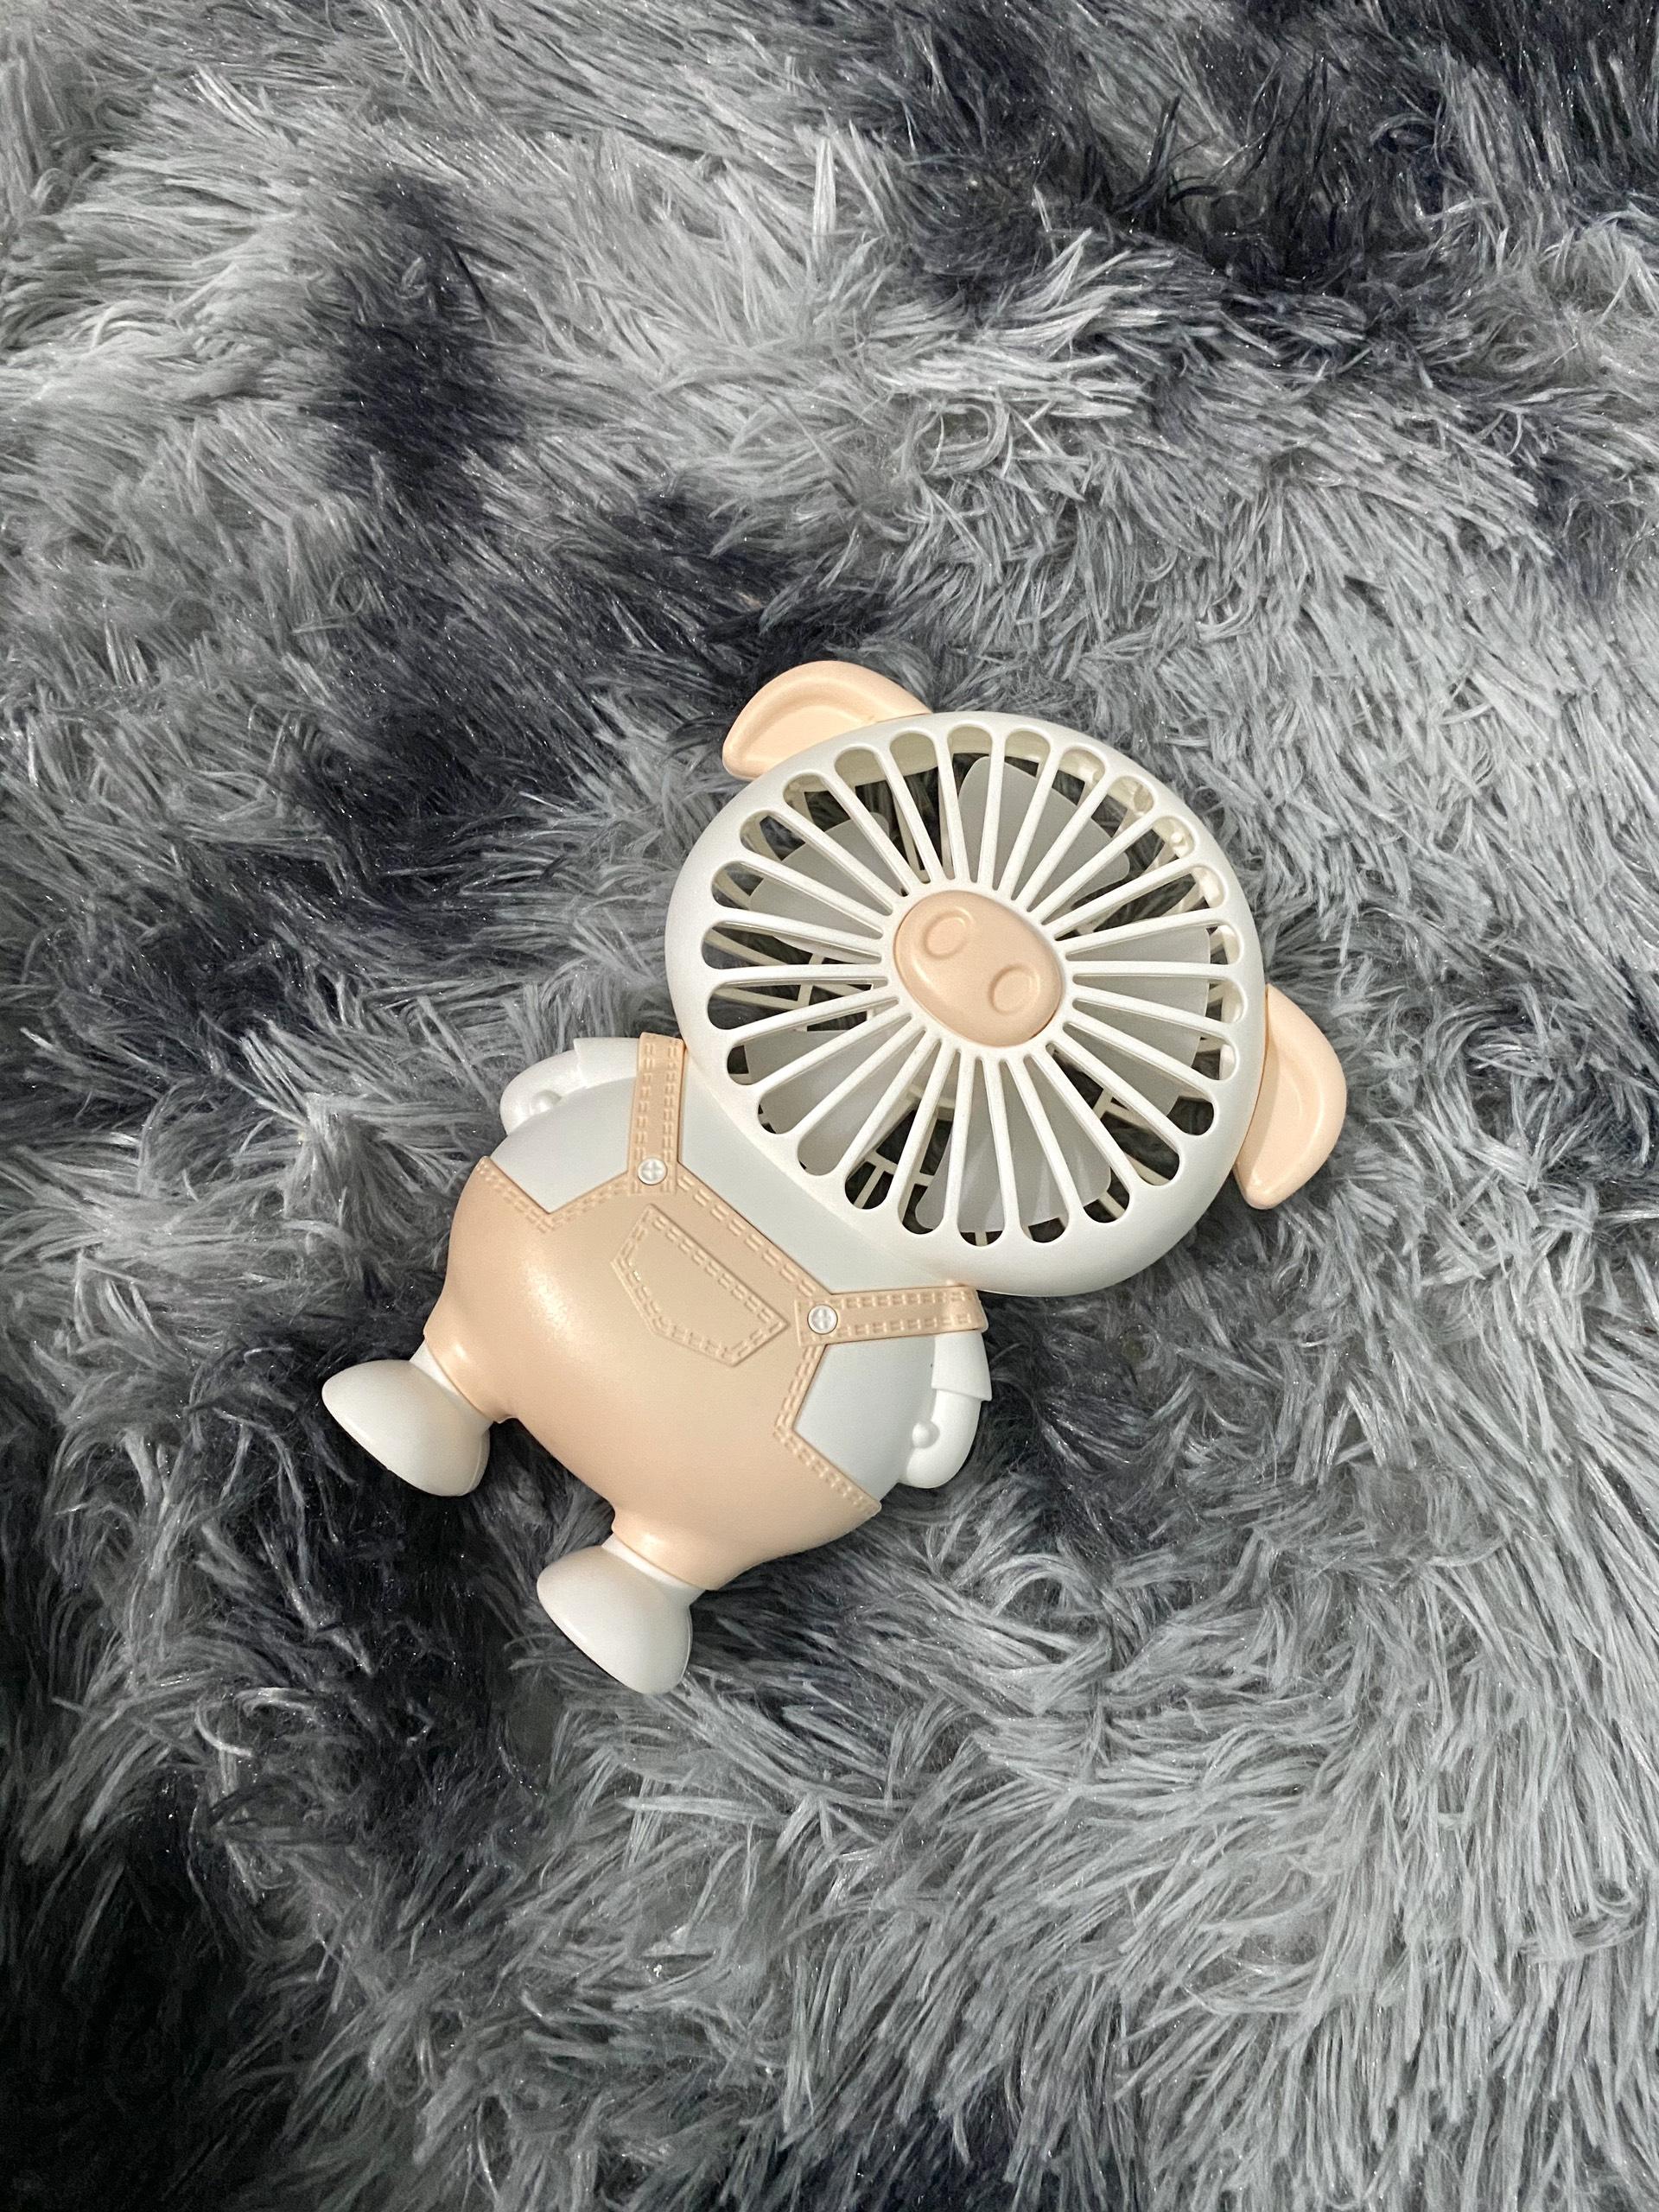 Quạt Mini - Quạt Lợn - Quạt Heo Tích Điện (Ngộ Nghĩnh)- Giao ngẫu nhiên